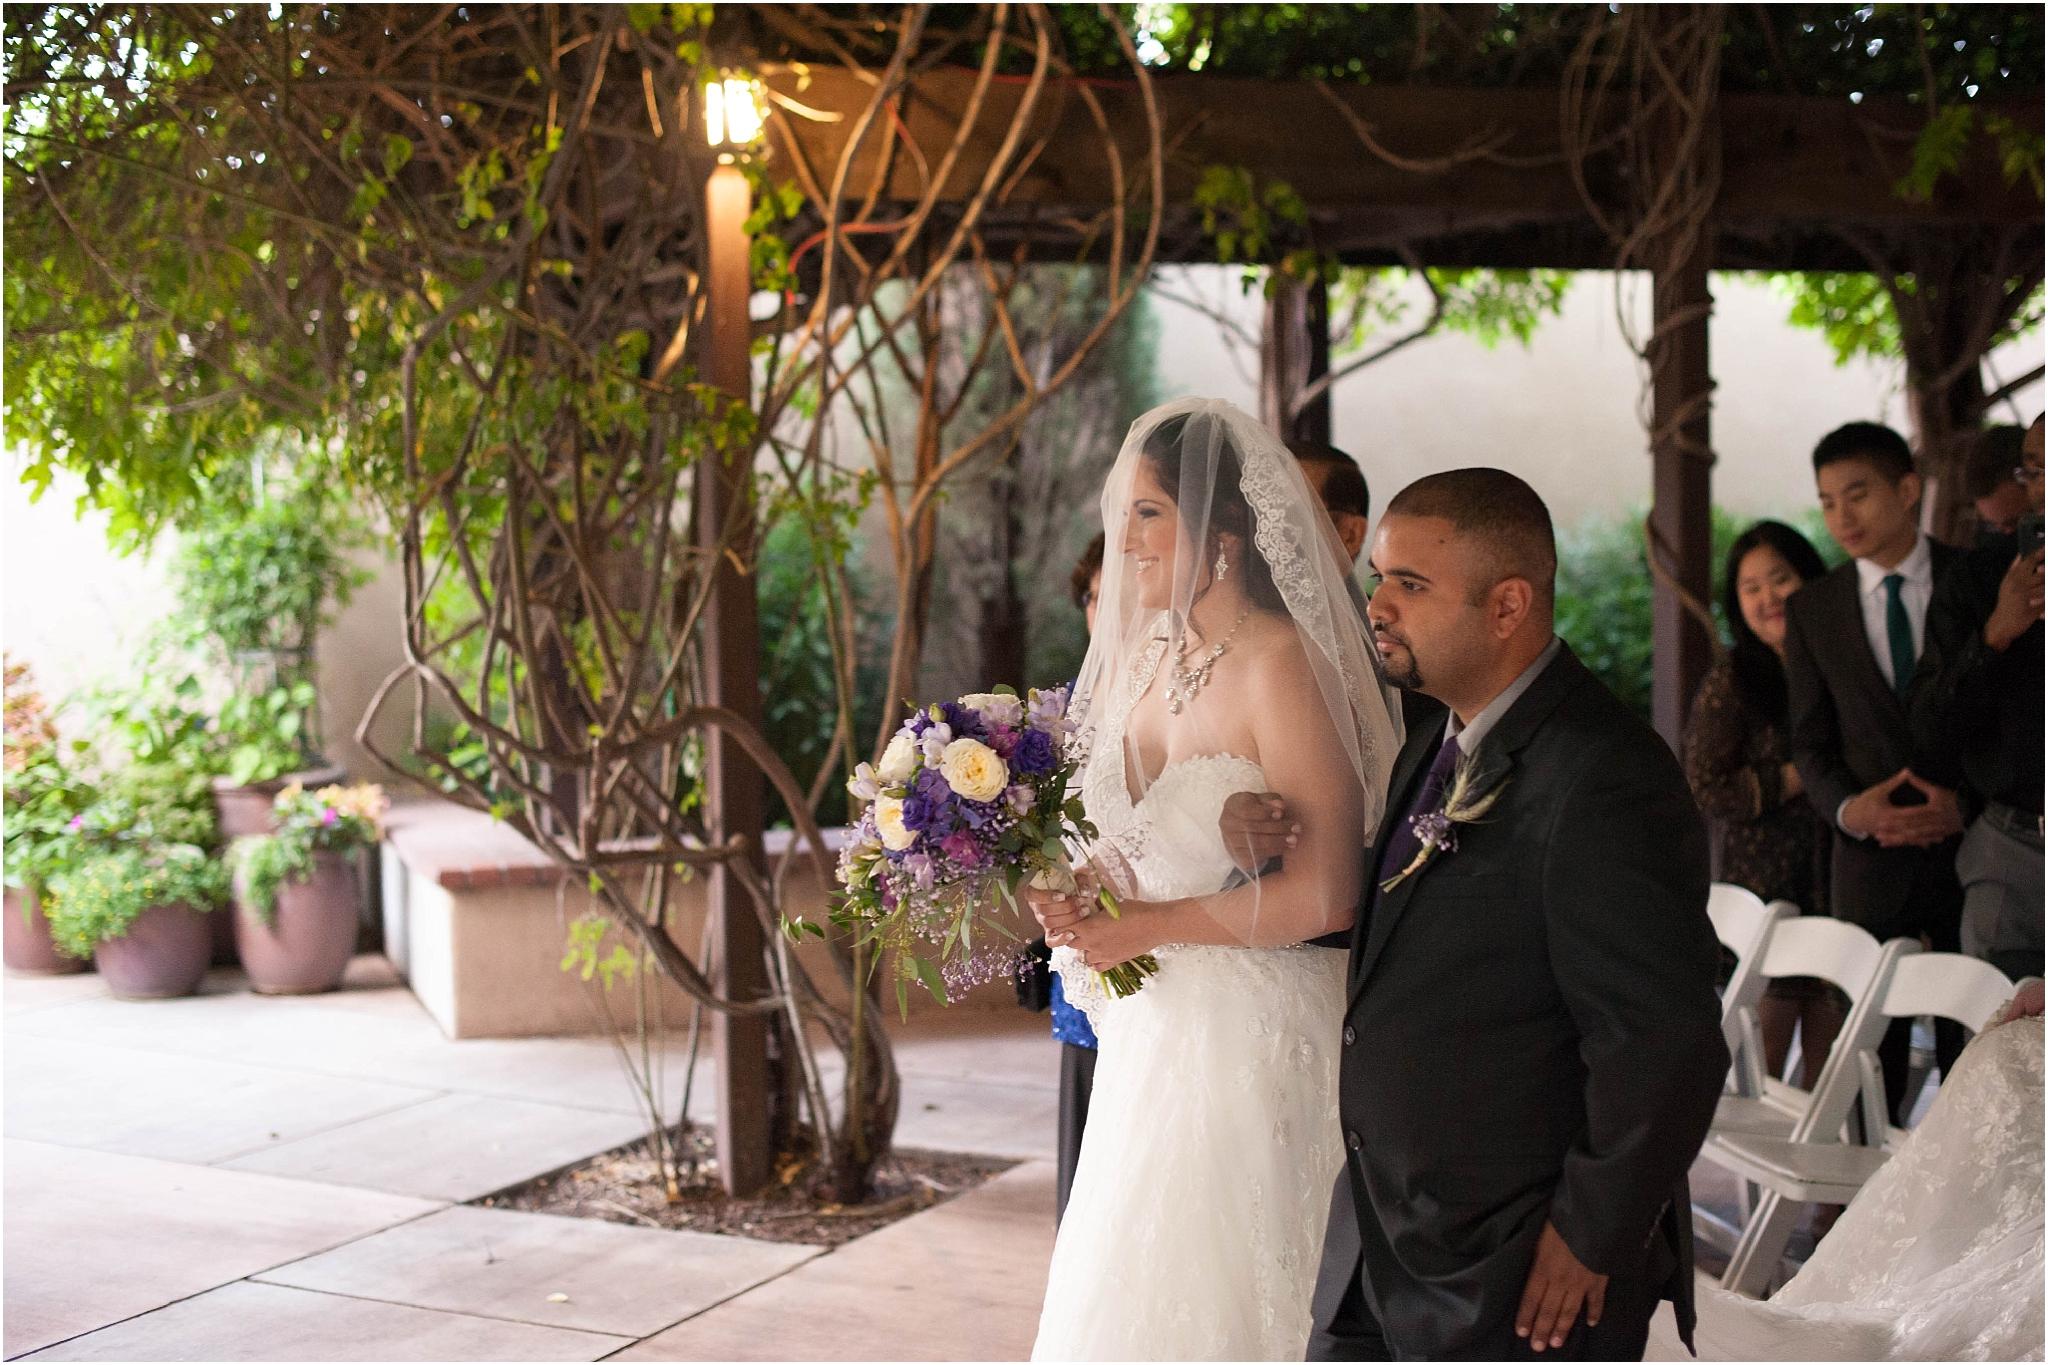 kayla kitts photography - new mexico wedding photographer - albuquerque botanic gardens - hotel albuquerque_0017.jpg